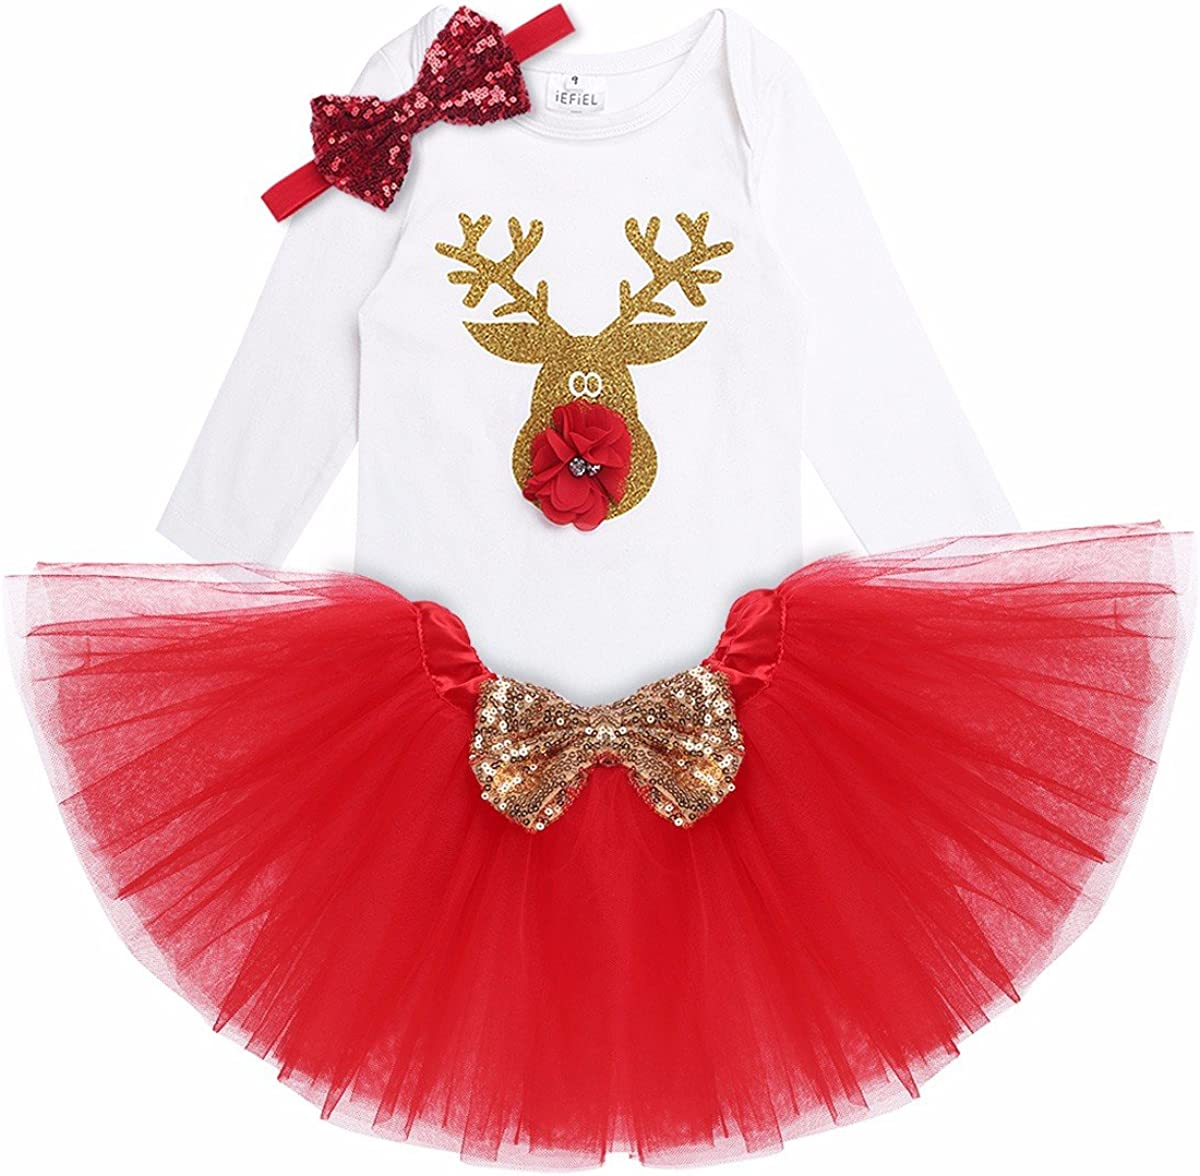 Freebily Conjunto de Navidad para Beb/é Ni/ña Pelele Body Falda Plisada Disfraz Vestido de Princesa Fiesta para Reci/én Nacido